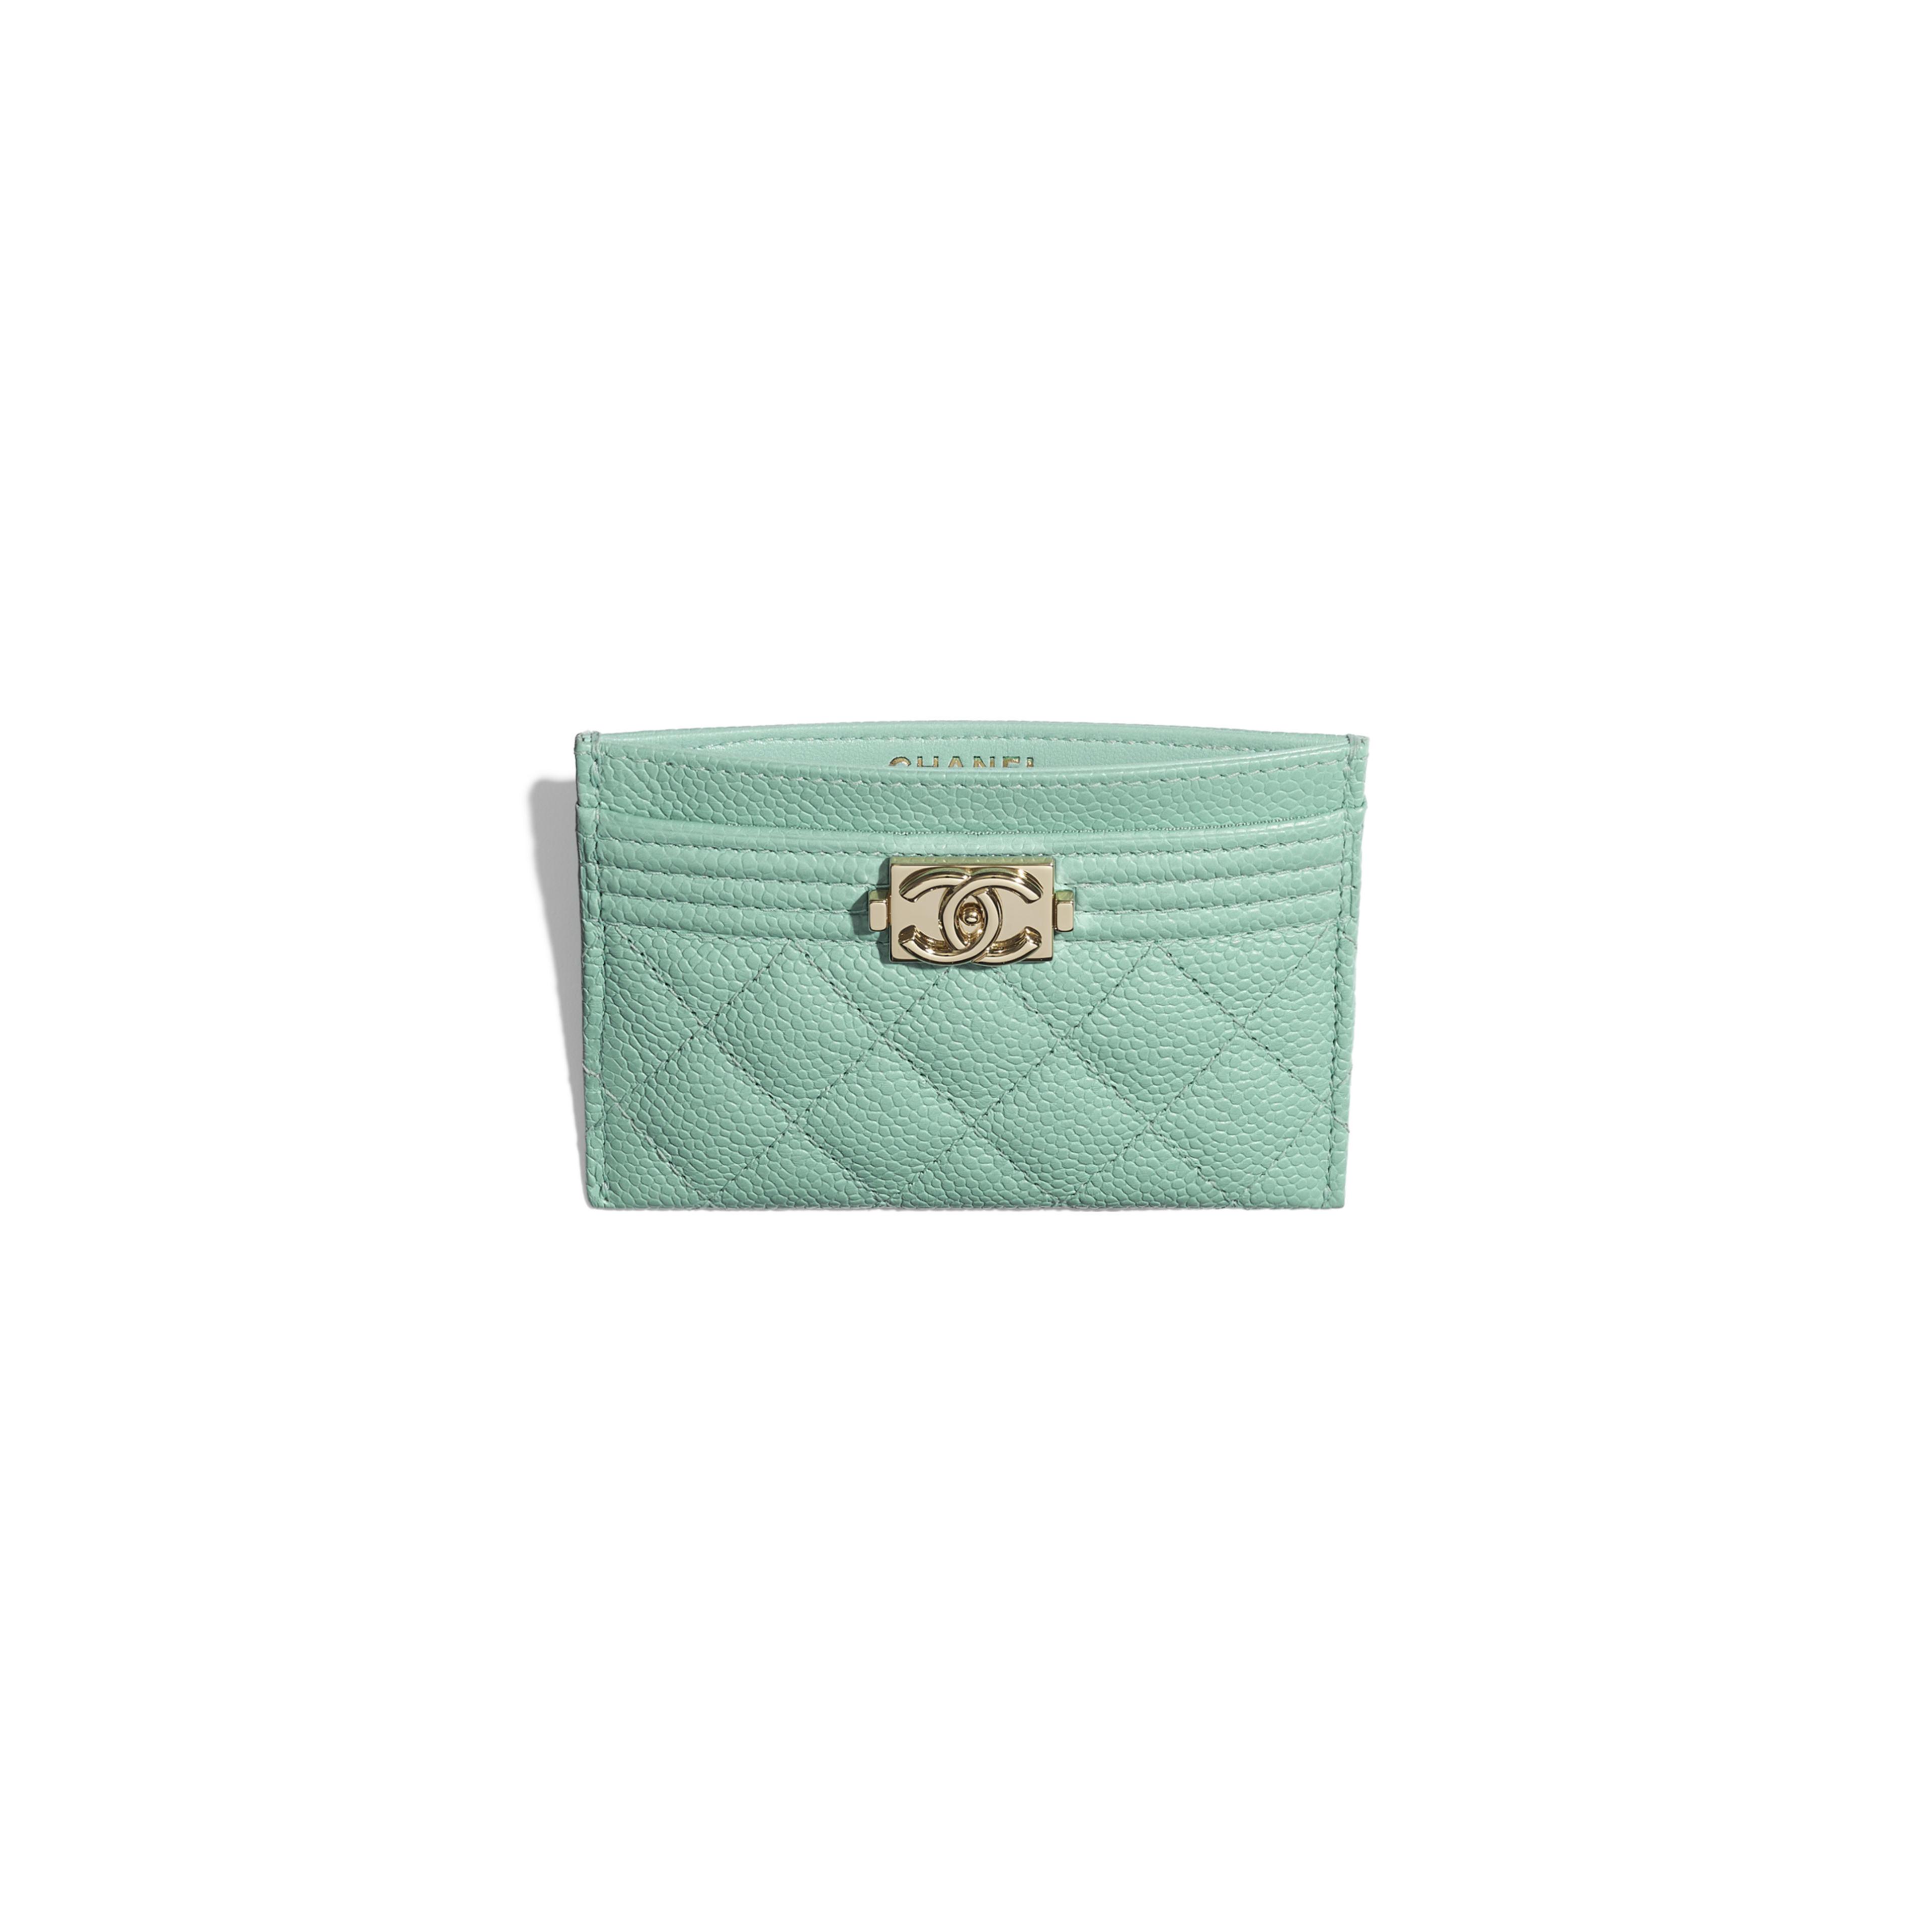 กระเป๋านามบัตร BOY CHANEL - สีฟ้า - หนังลูกวัวลายเกรน, โลหะสีทอง - มุมมองอื่น - ดูเวอร์ชันขนาดเต็ม